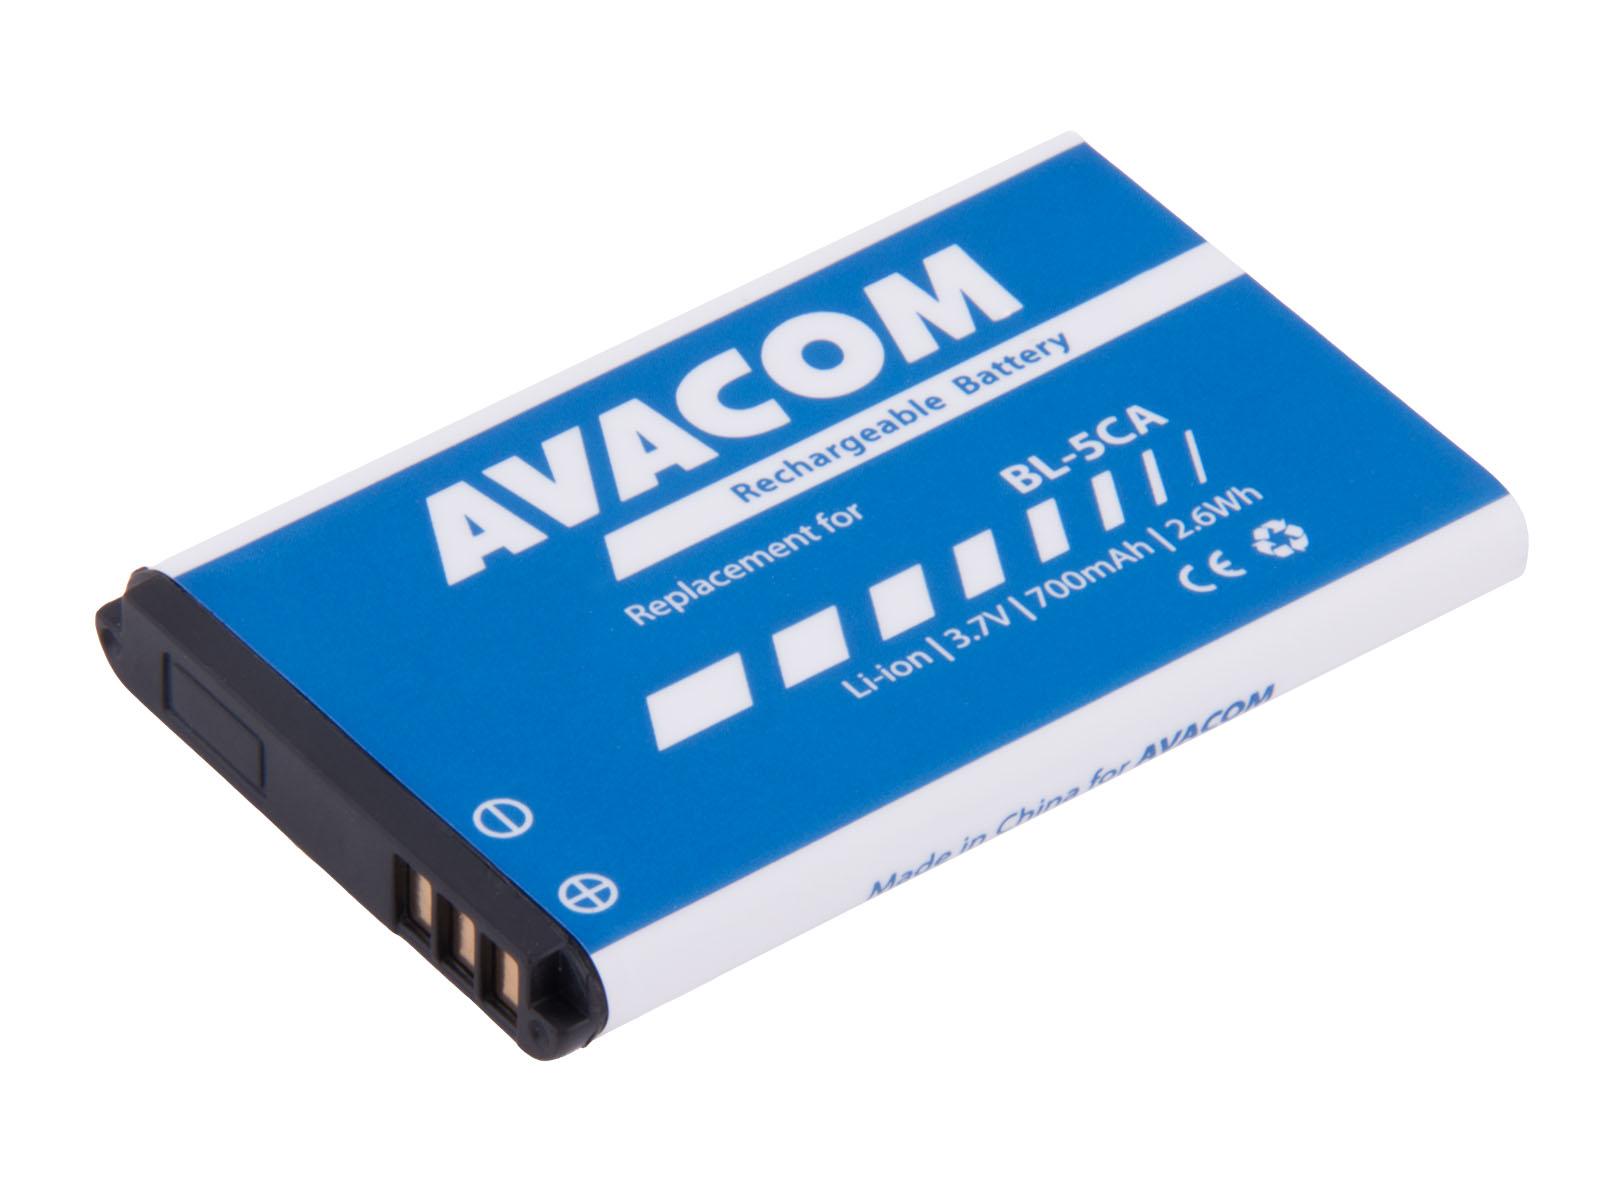 Baterie AVACOM GSNO-BL5CA-700 do mobilu Nokia 1208 Li-Ion 3,7V 700mAh (náhrada BL-5CA)